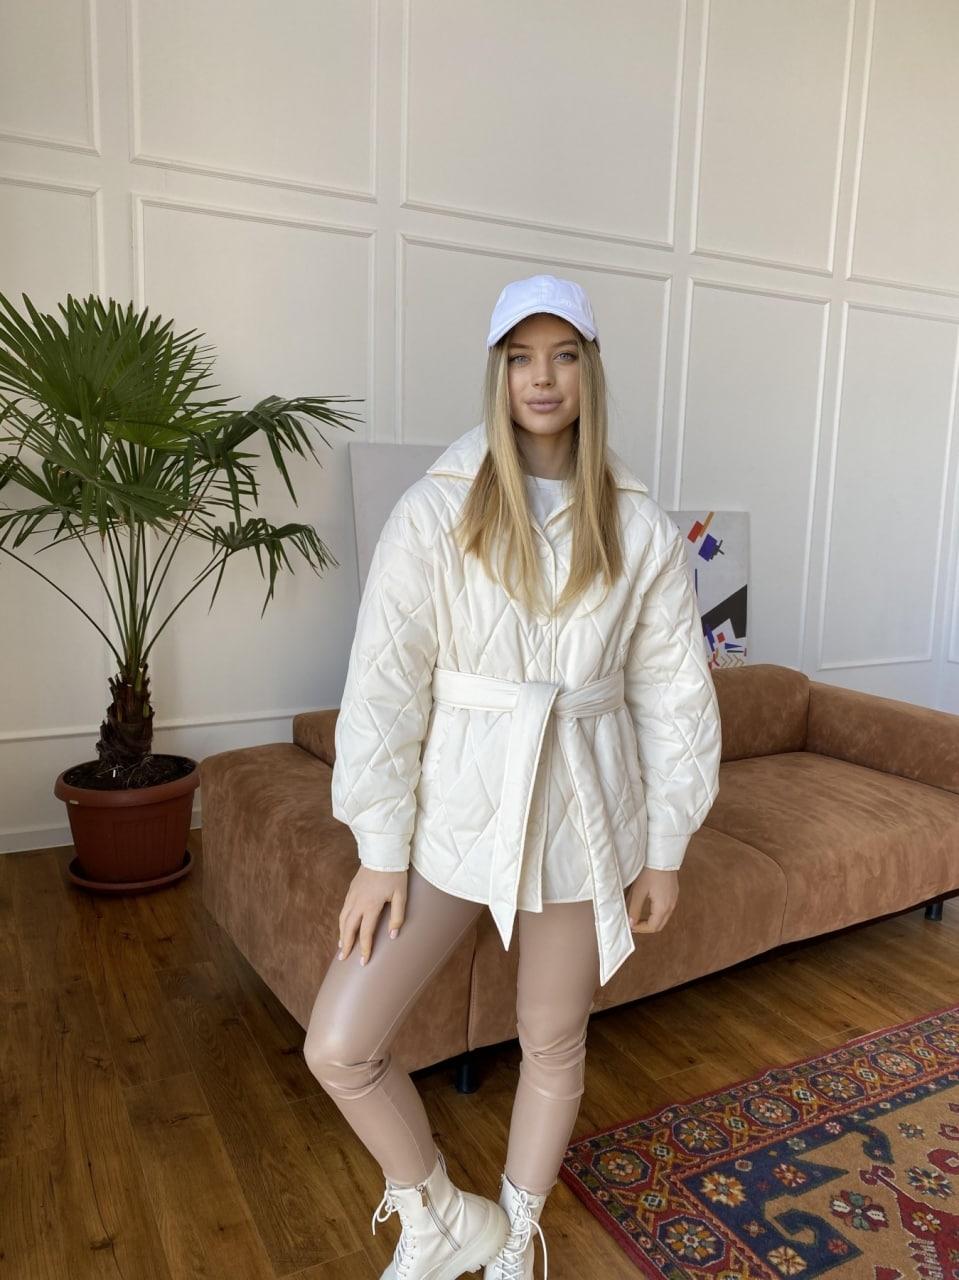 Монокуртка из плащевой ткани Ammy 10972 АРТ. 47632 Цвет: Молоко 1 - фото 3, интернет магазин tm-modus.ru